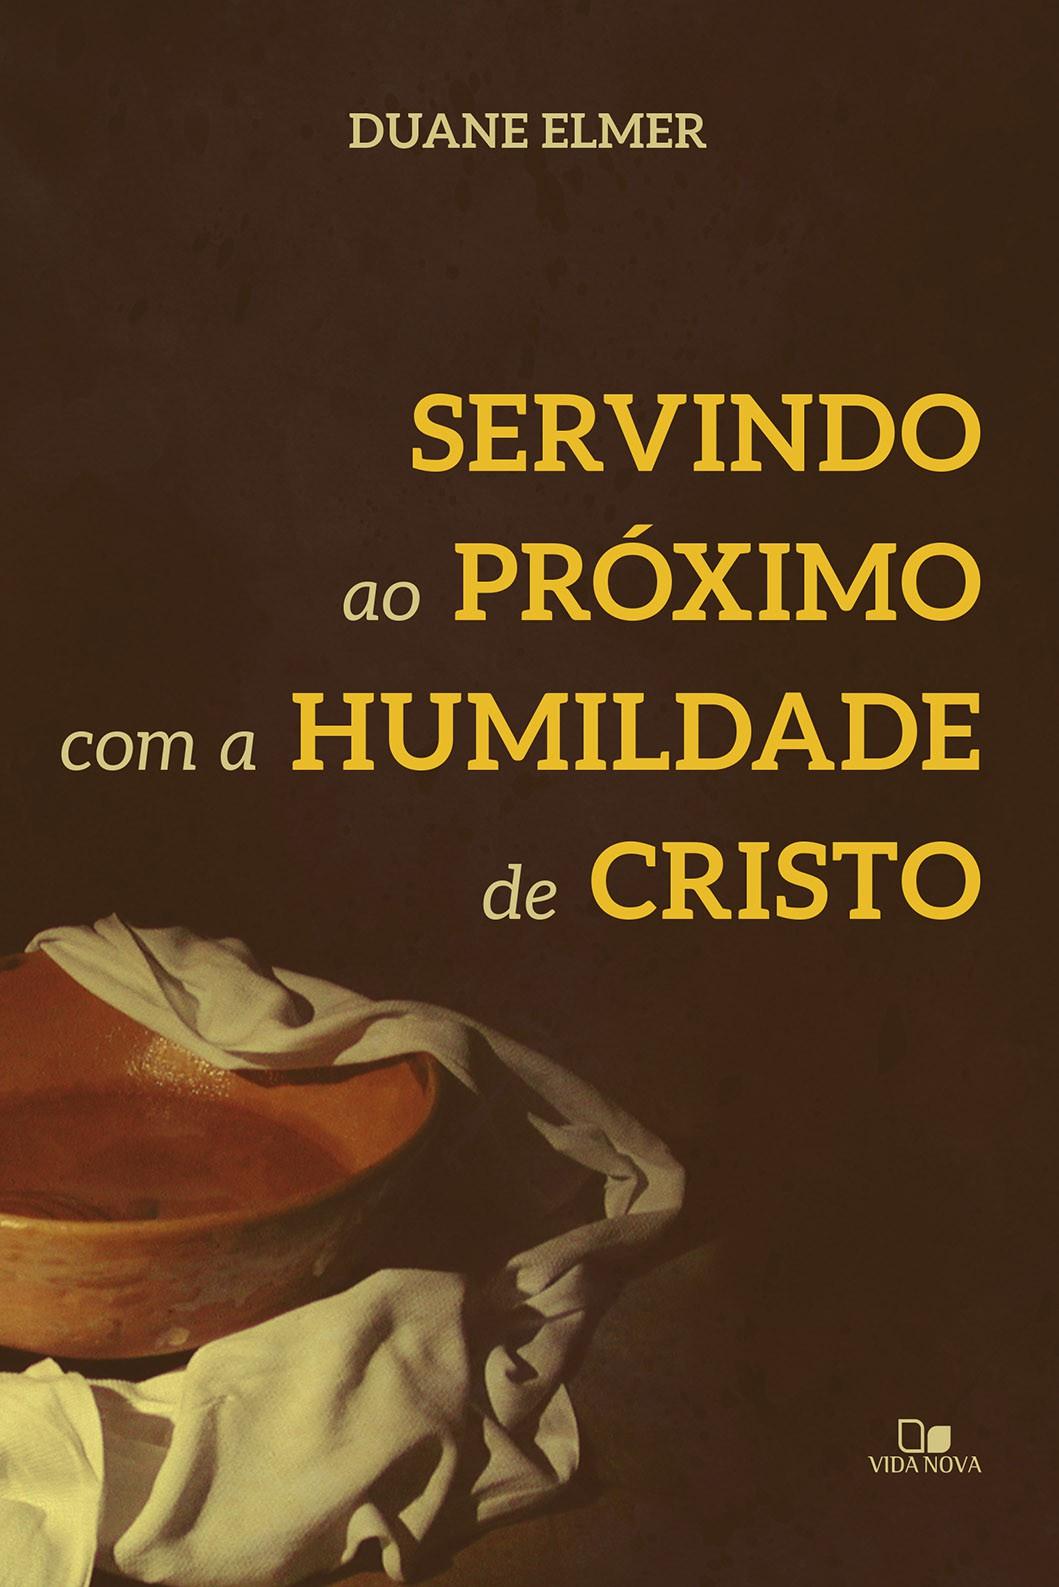 Servindo ao próximo com a humildade de Cristo